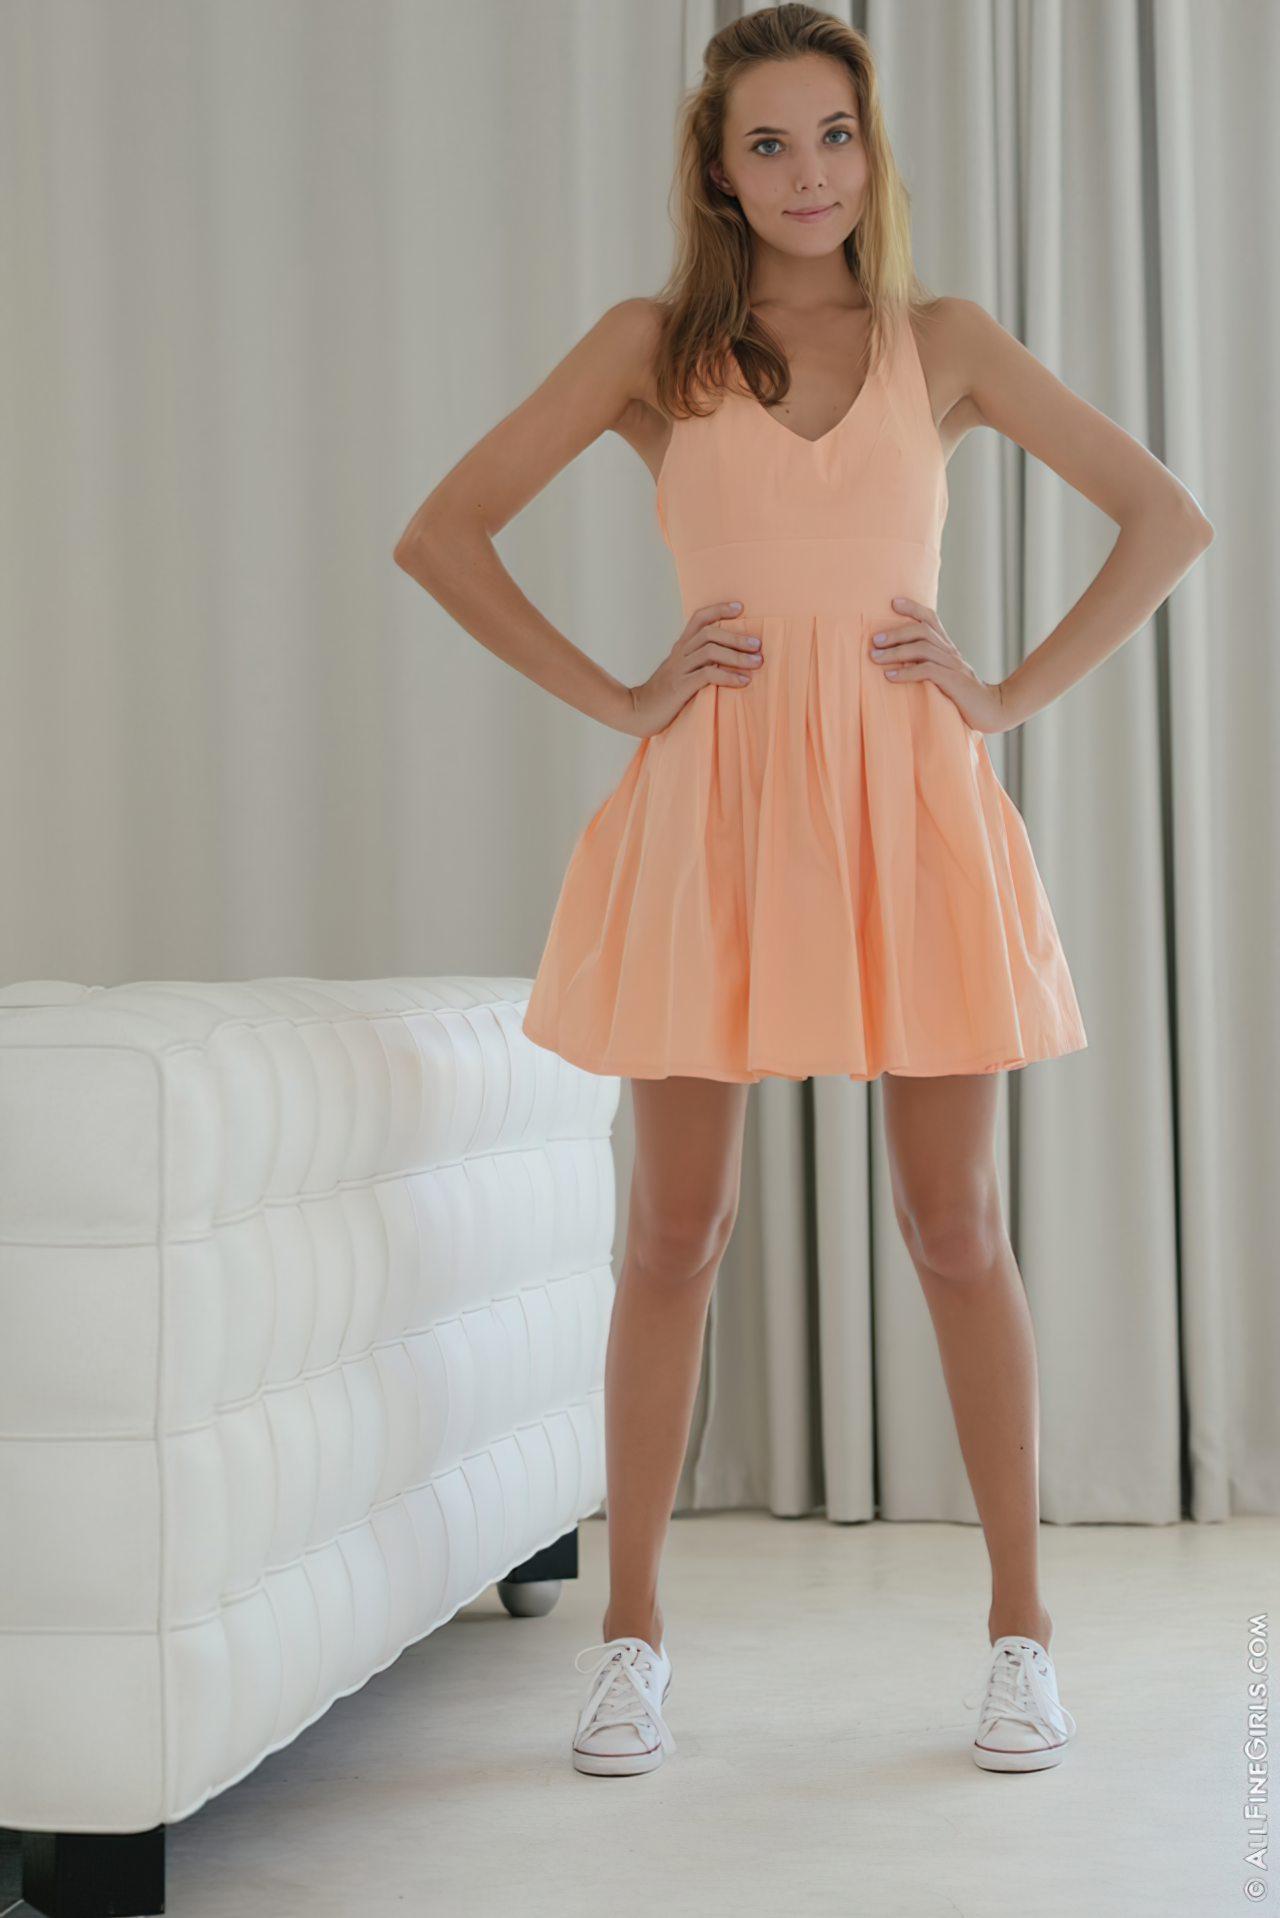 Katya Clover (1)